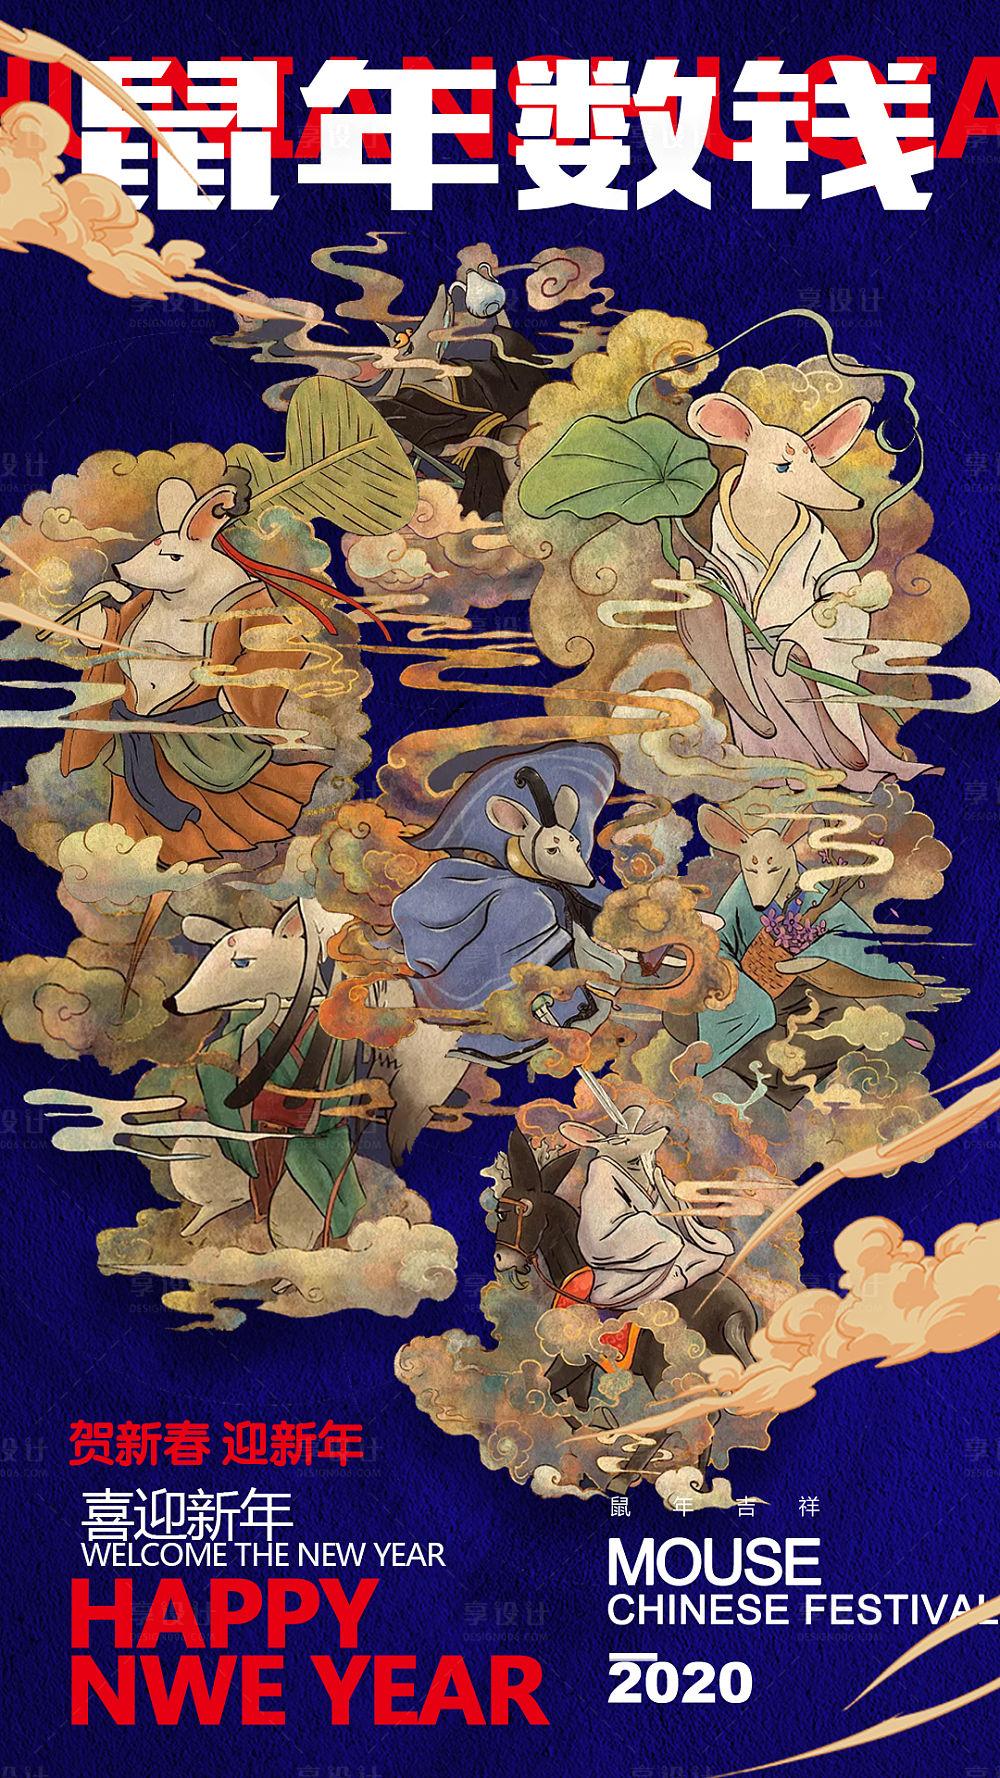 【源文件下载】 海报 画报 鼠年 2020年 中国传统节日 手绘 插画